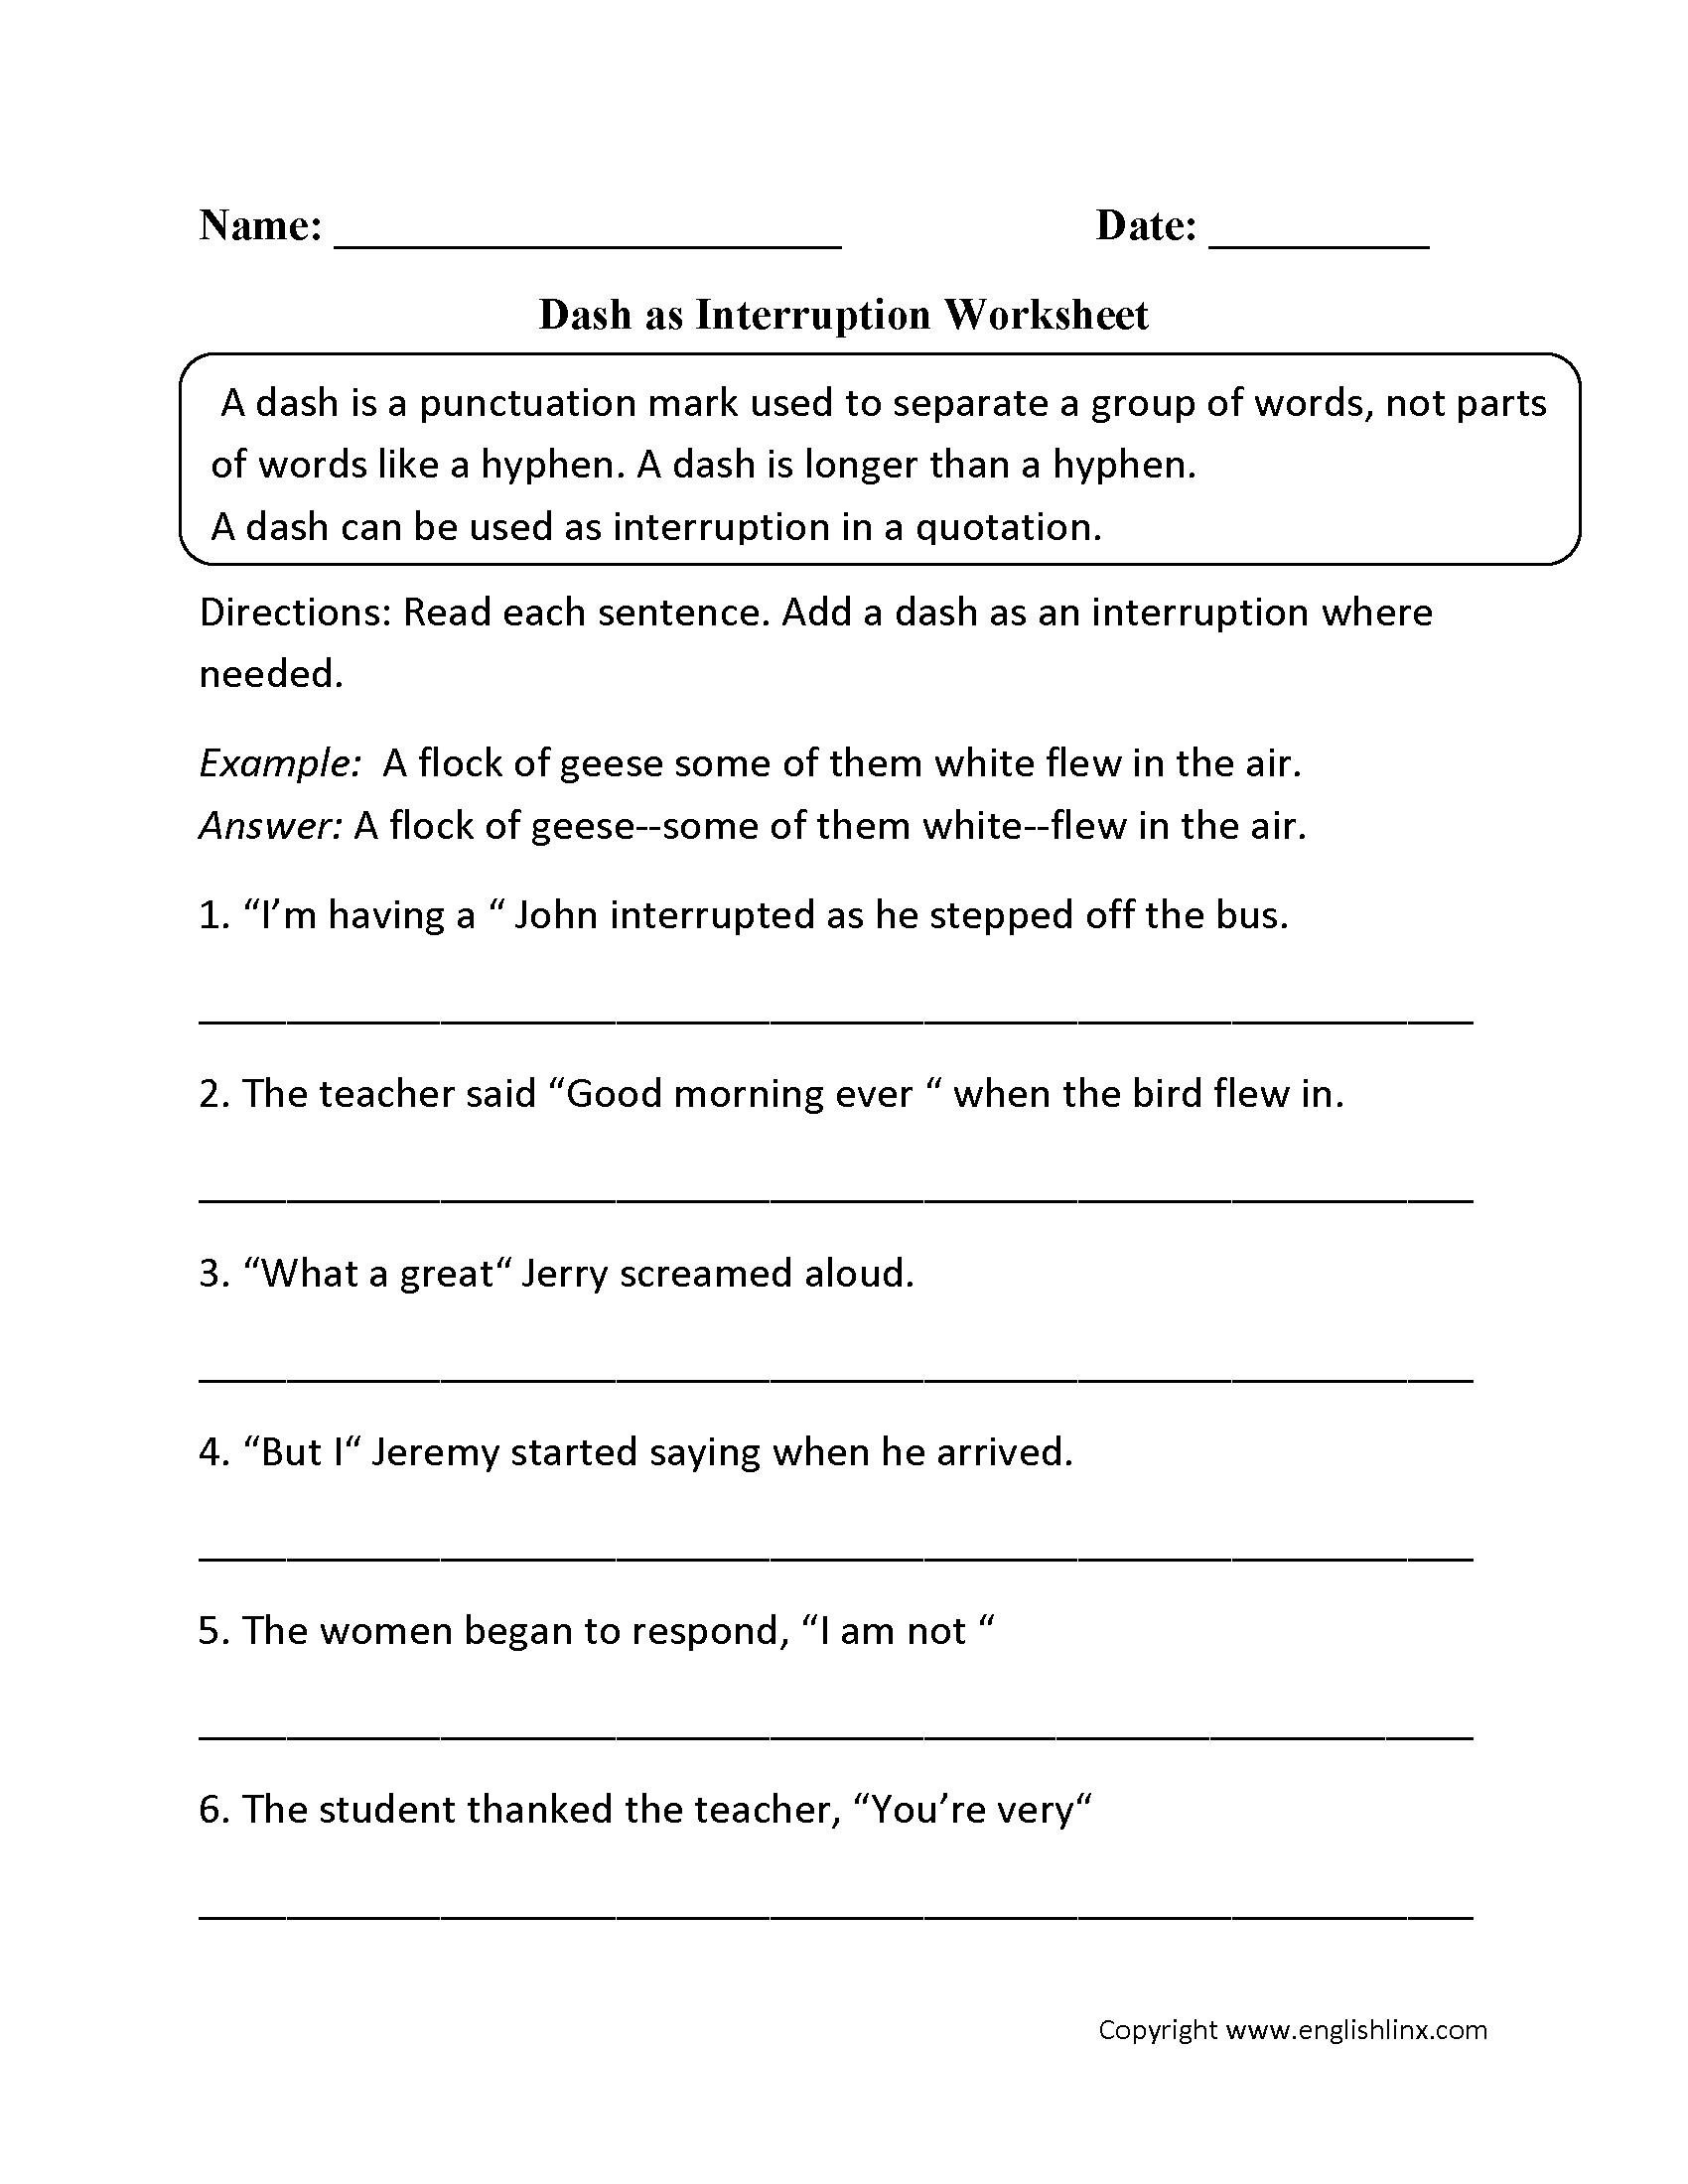 Punctuation Worksheets | Dash Worksheets